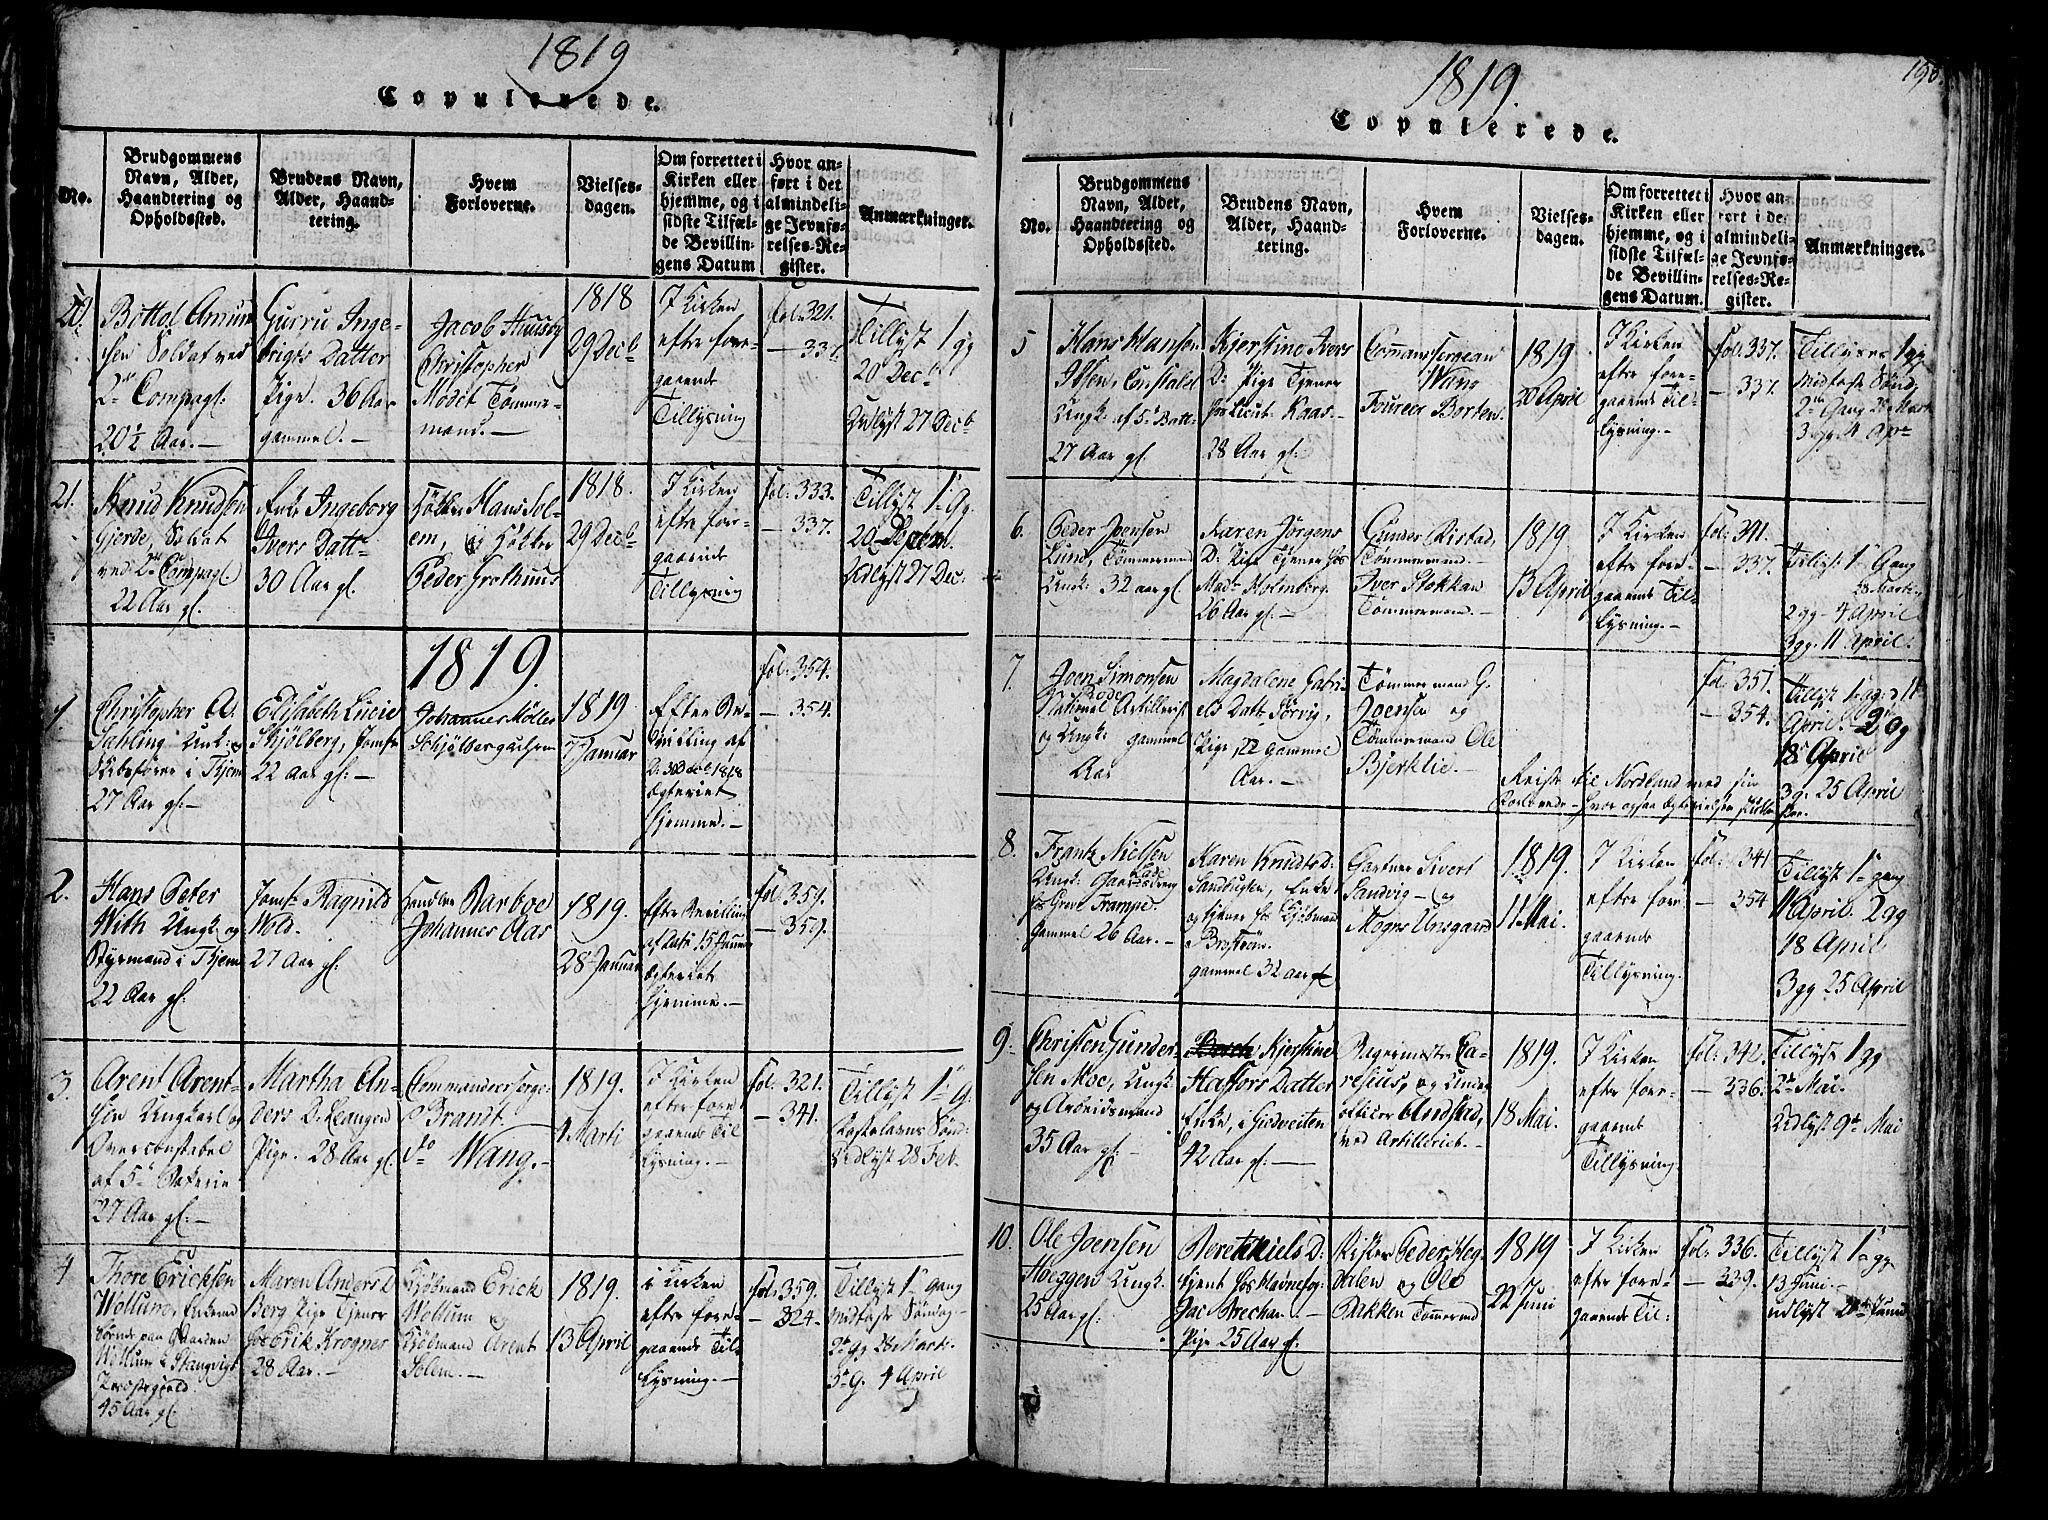 SAT, Ministerialprotokoller, klokkerbøker og fødselsregistre - Sør-Trøndelag, 602/L0135: Klokkerbok nr. 602C03, 1815-1832, s. 193